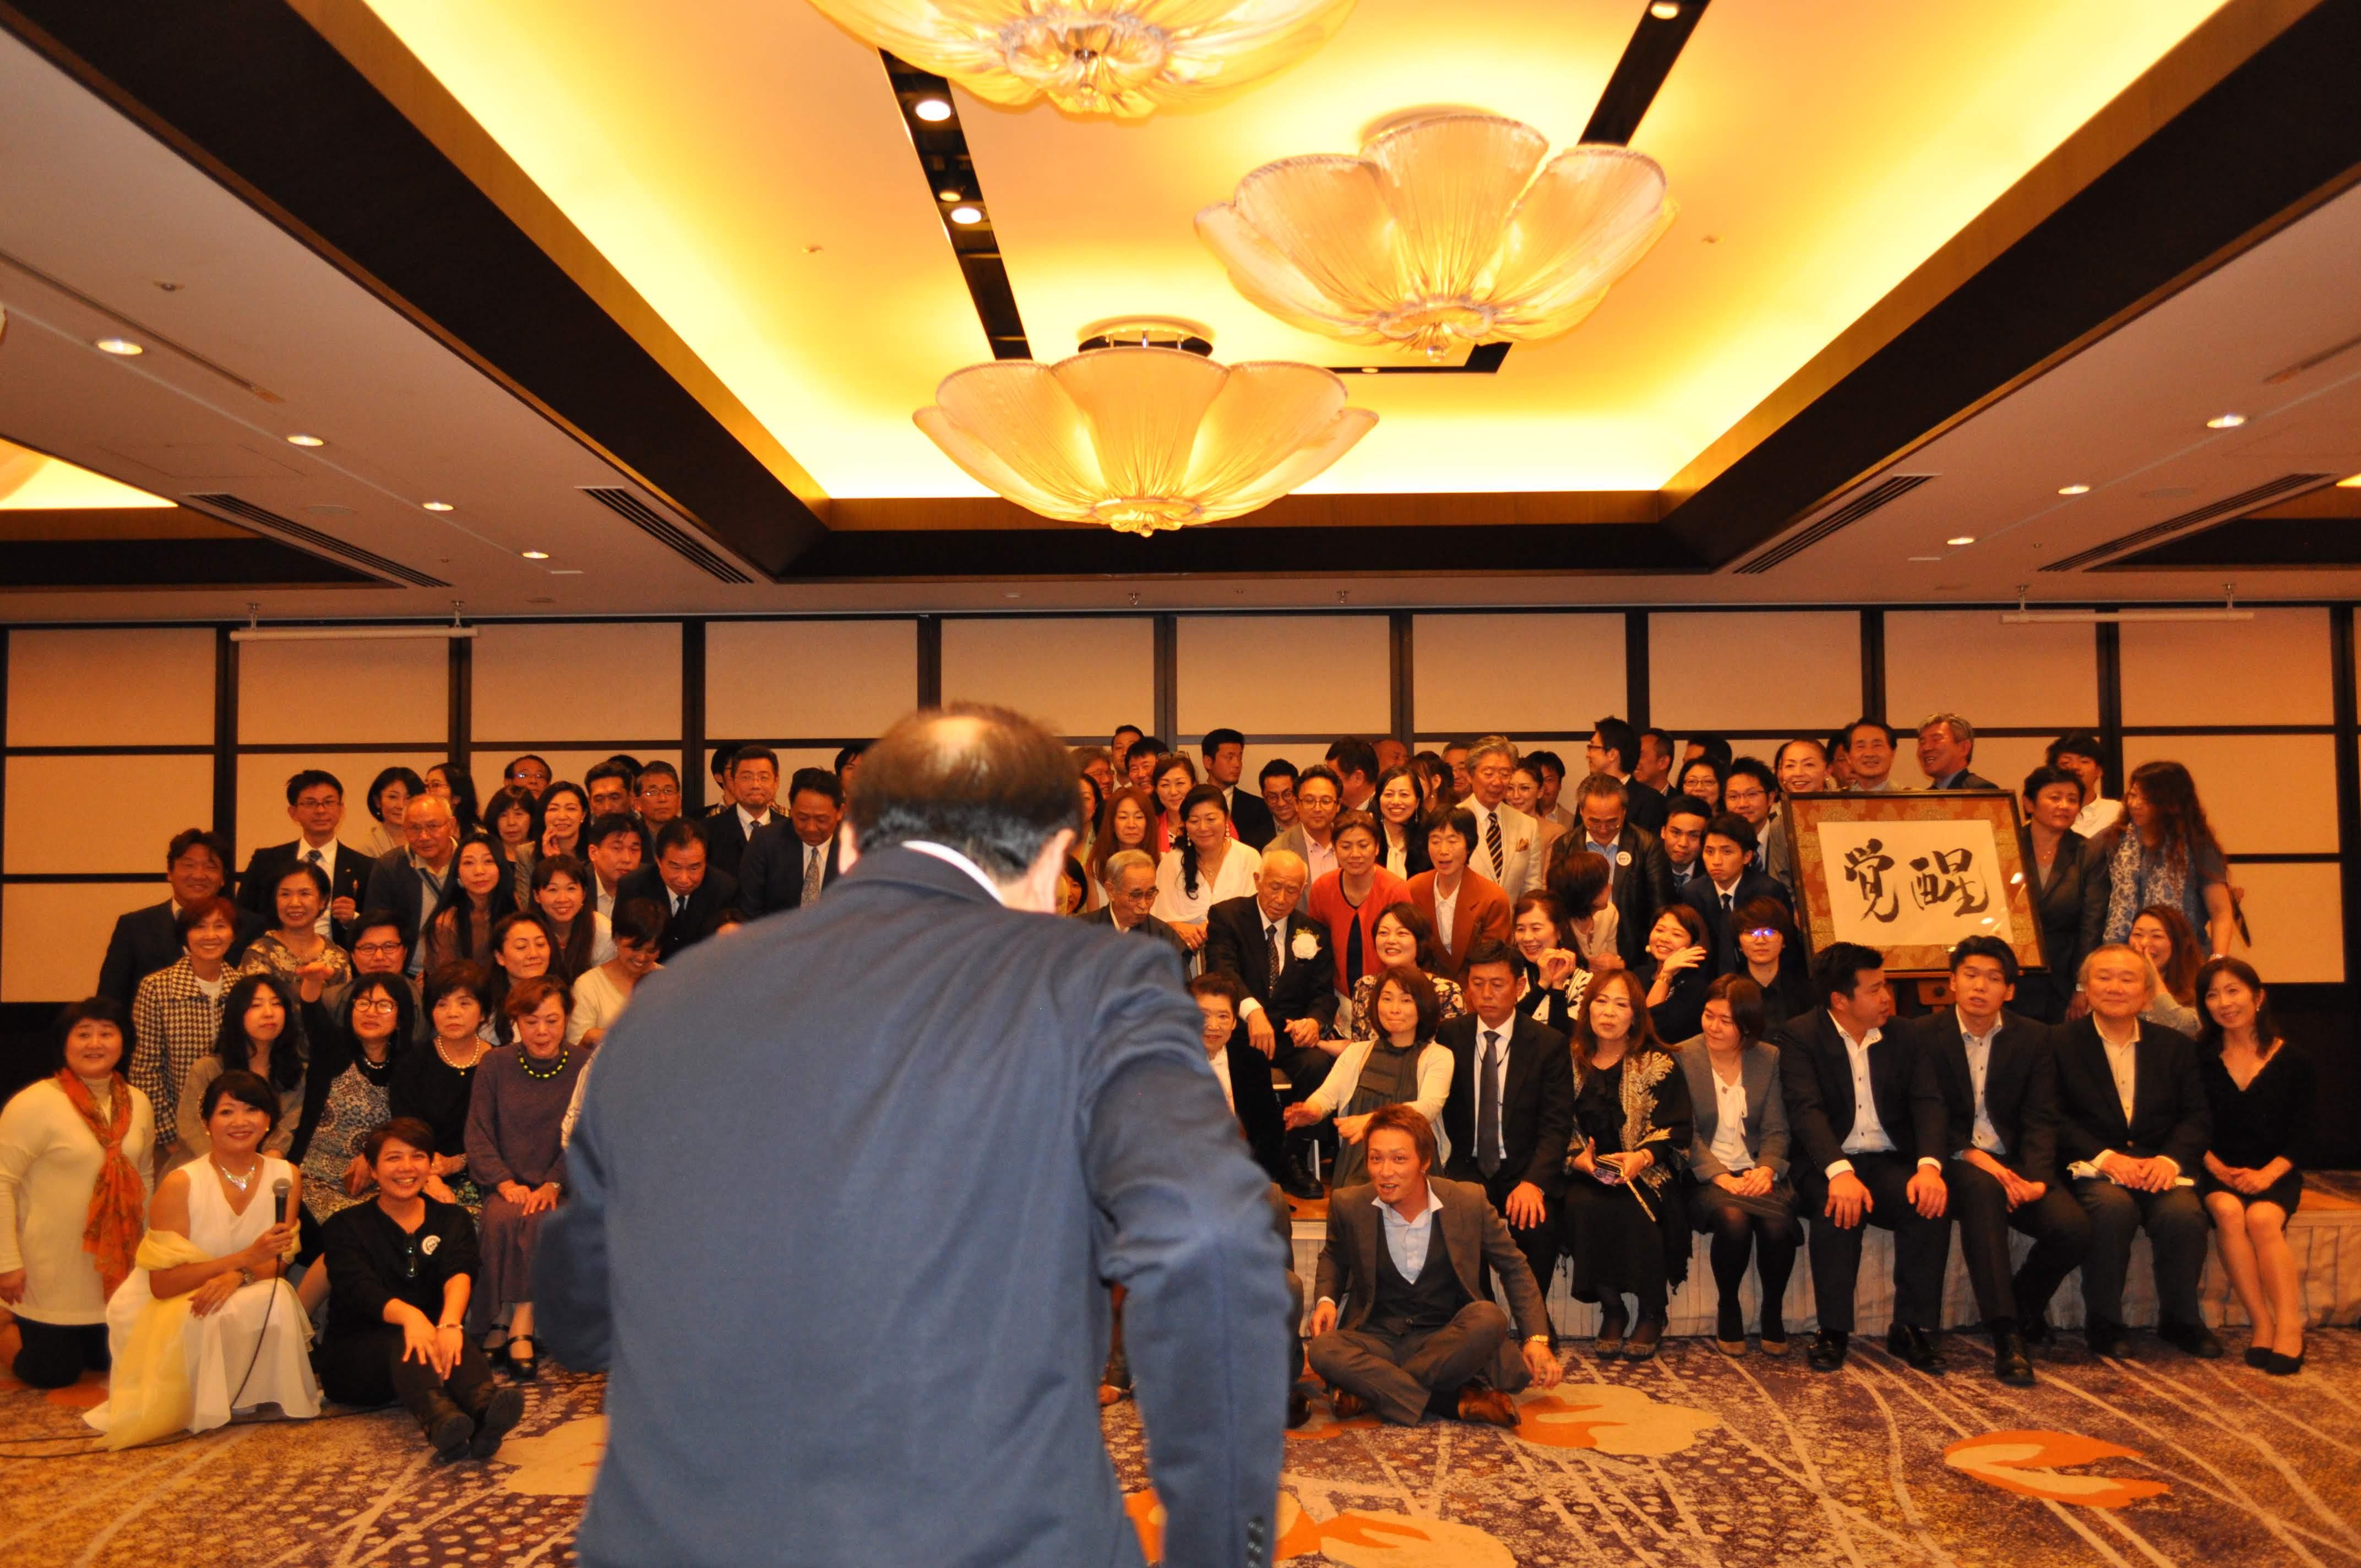 DSC 0605 1 - 思風会全国大会in広島